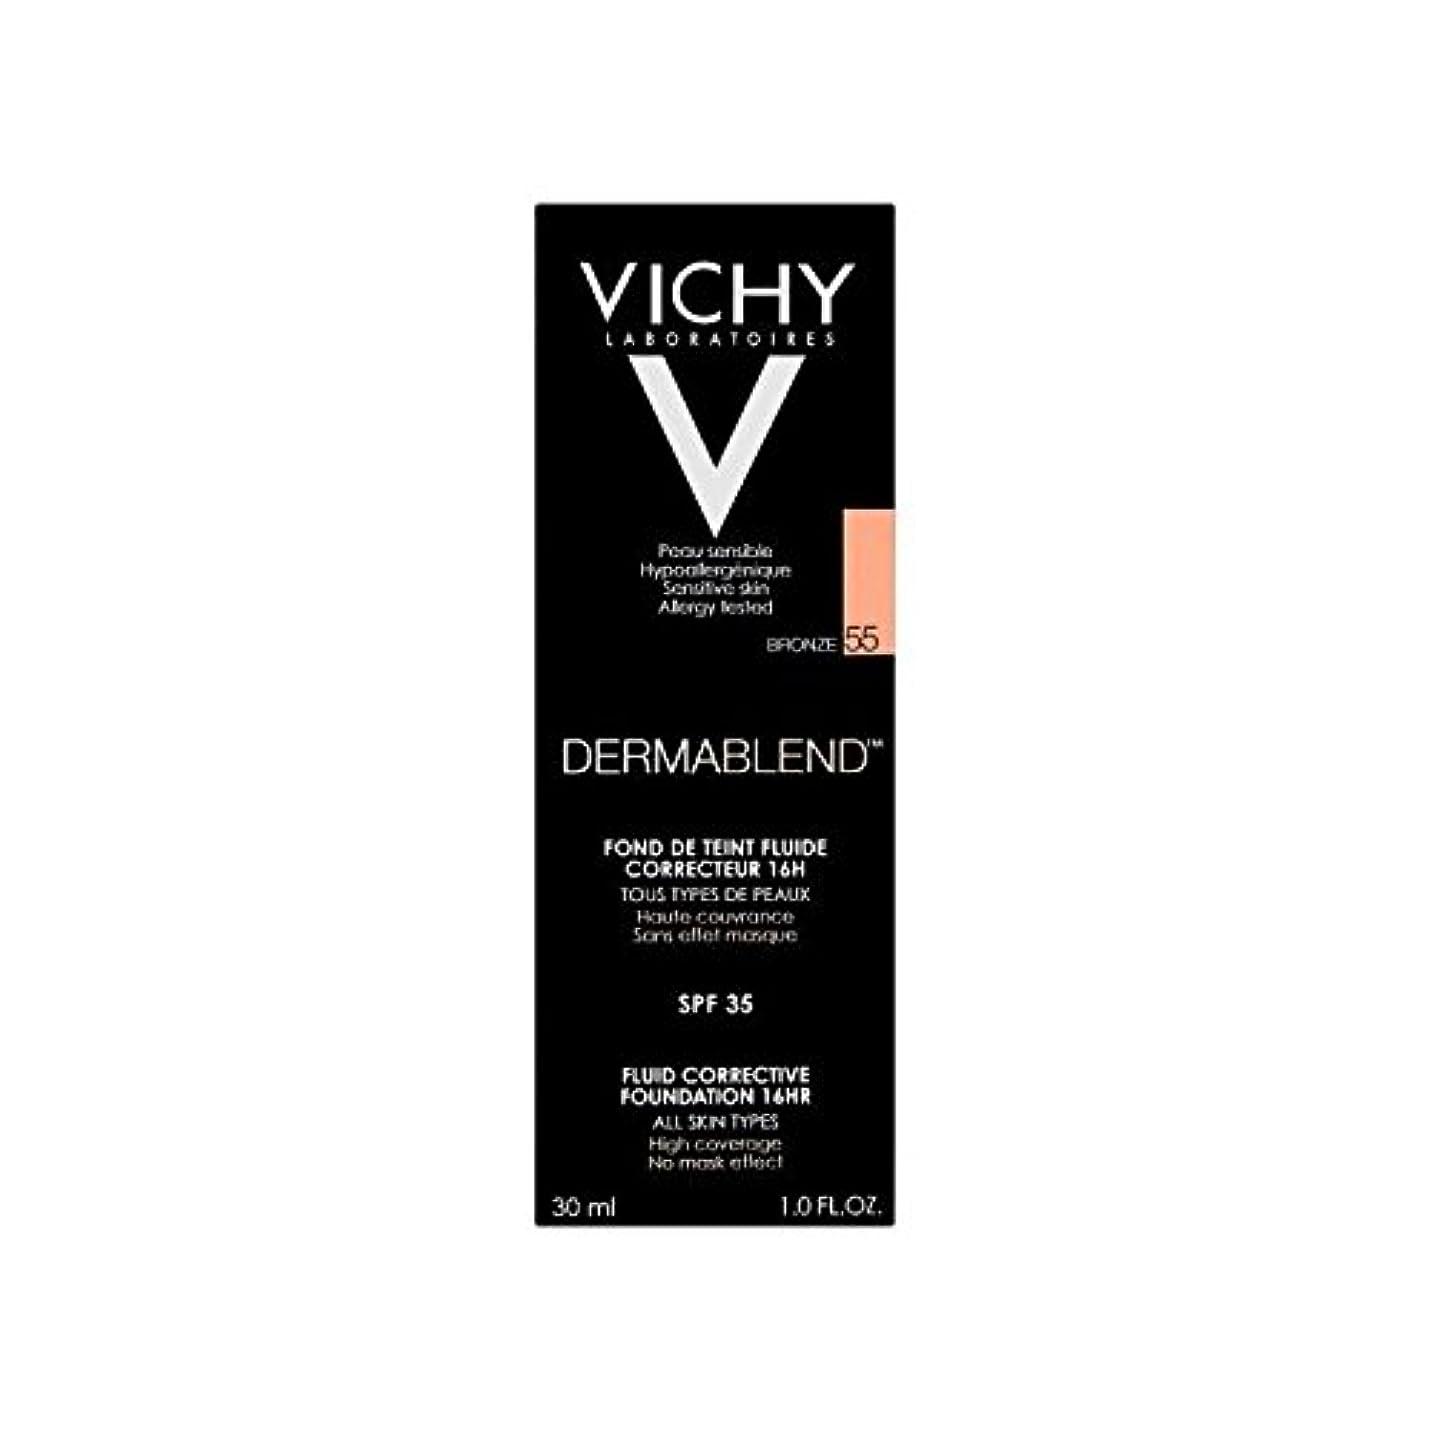 甘美な昼間寝具ヴィシー是正流体の基礎30ミリリットル青銅55 x4 - Vichy Dermablend Corrective Fluid Foundation 30ml Bronze 55 (Pack of 4) [並行輸入品]